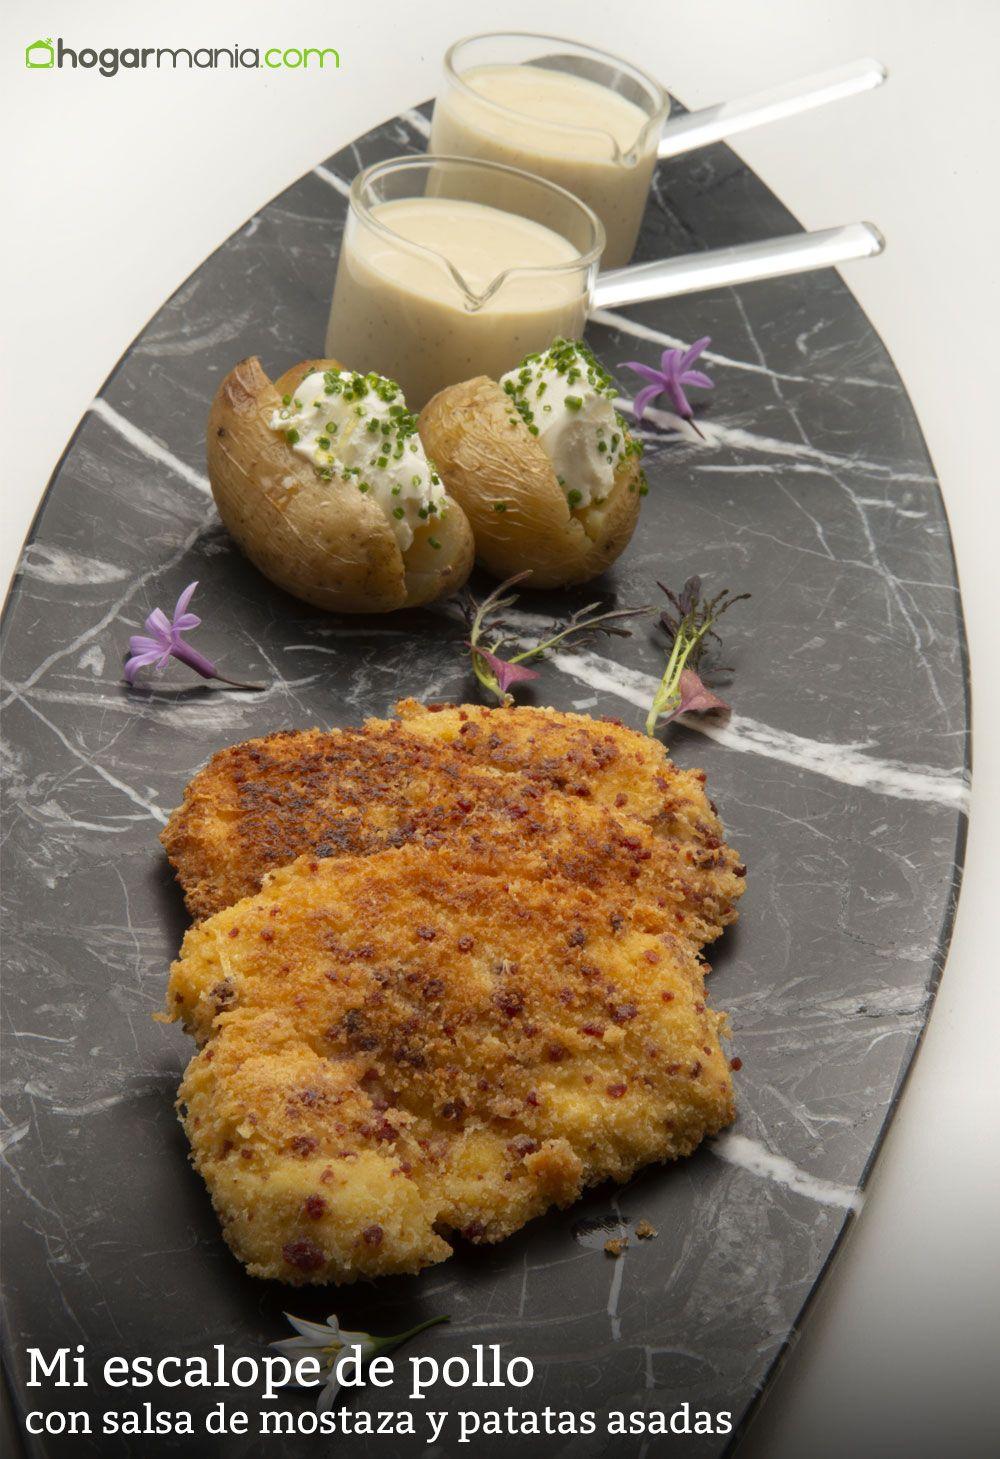 Mi escalope de pollo con salsa de mostaza y patatas asadas